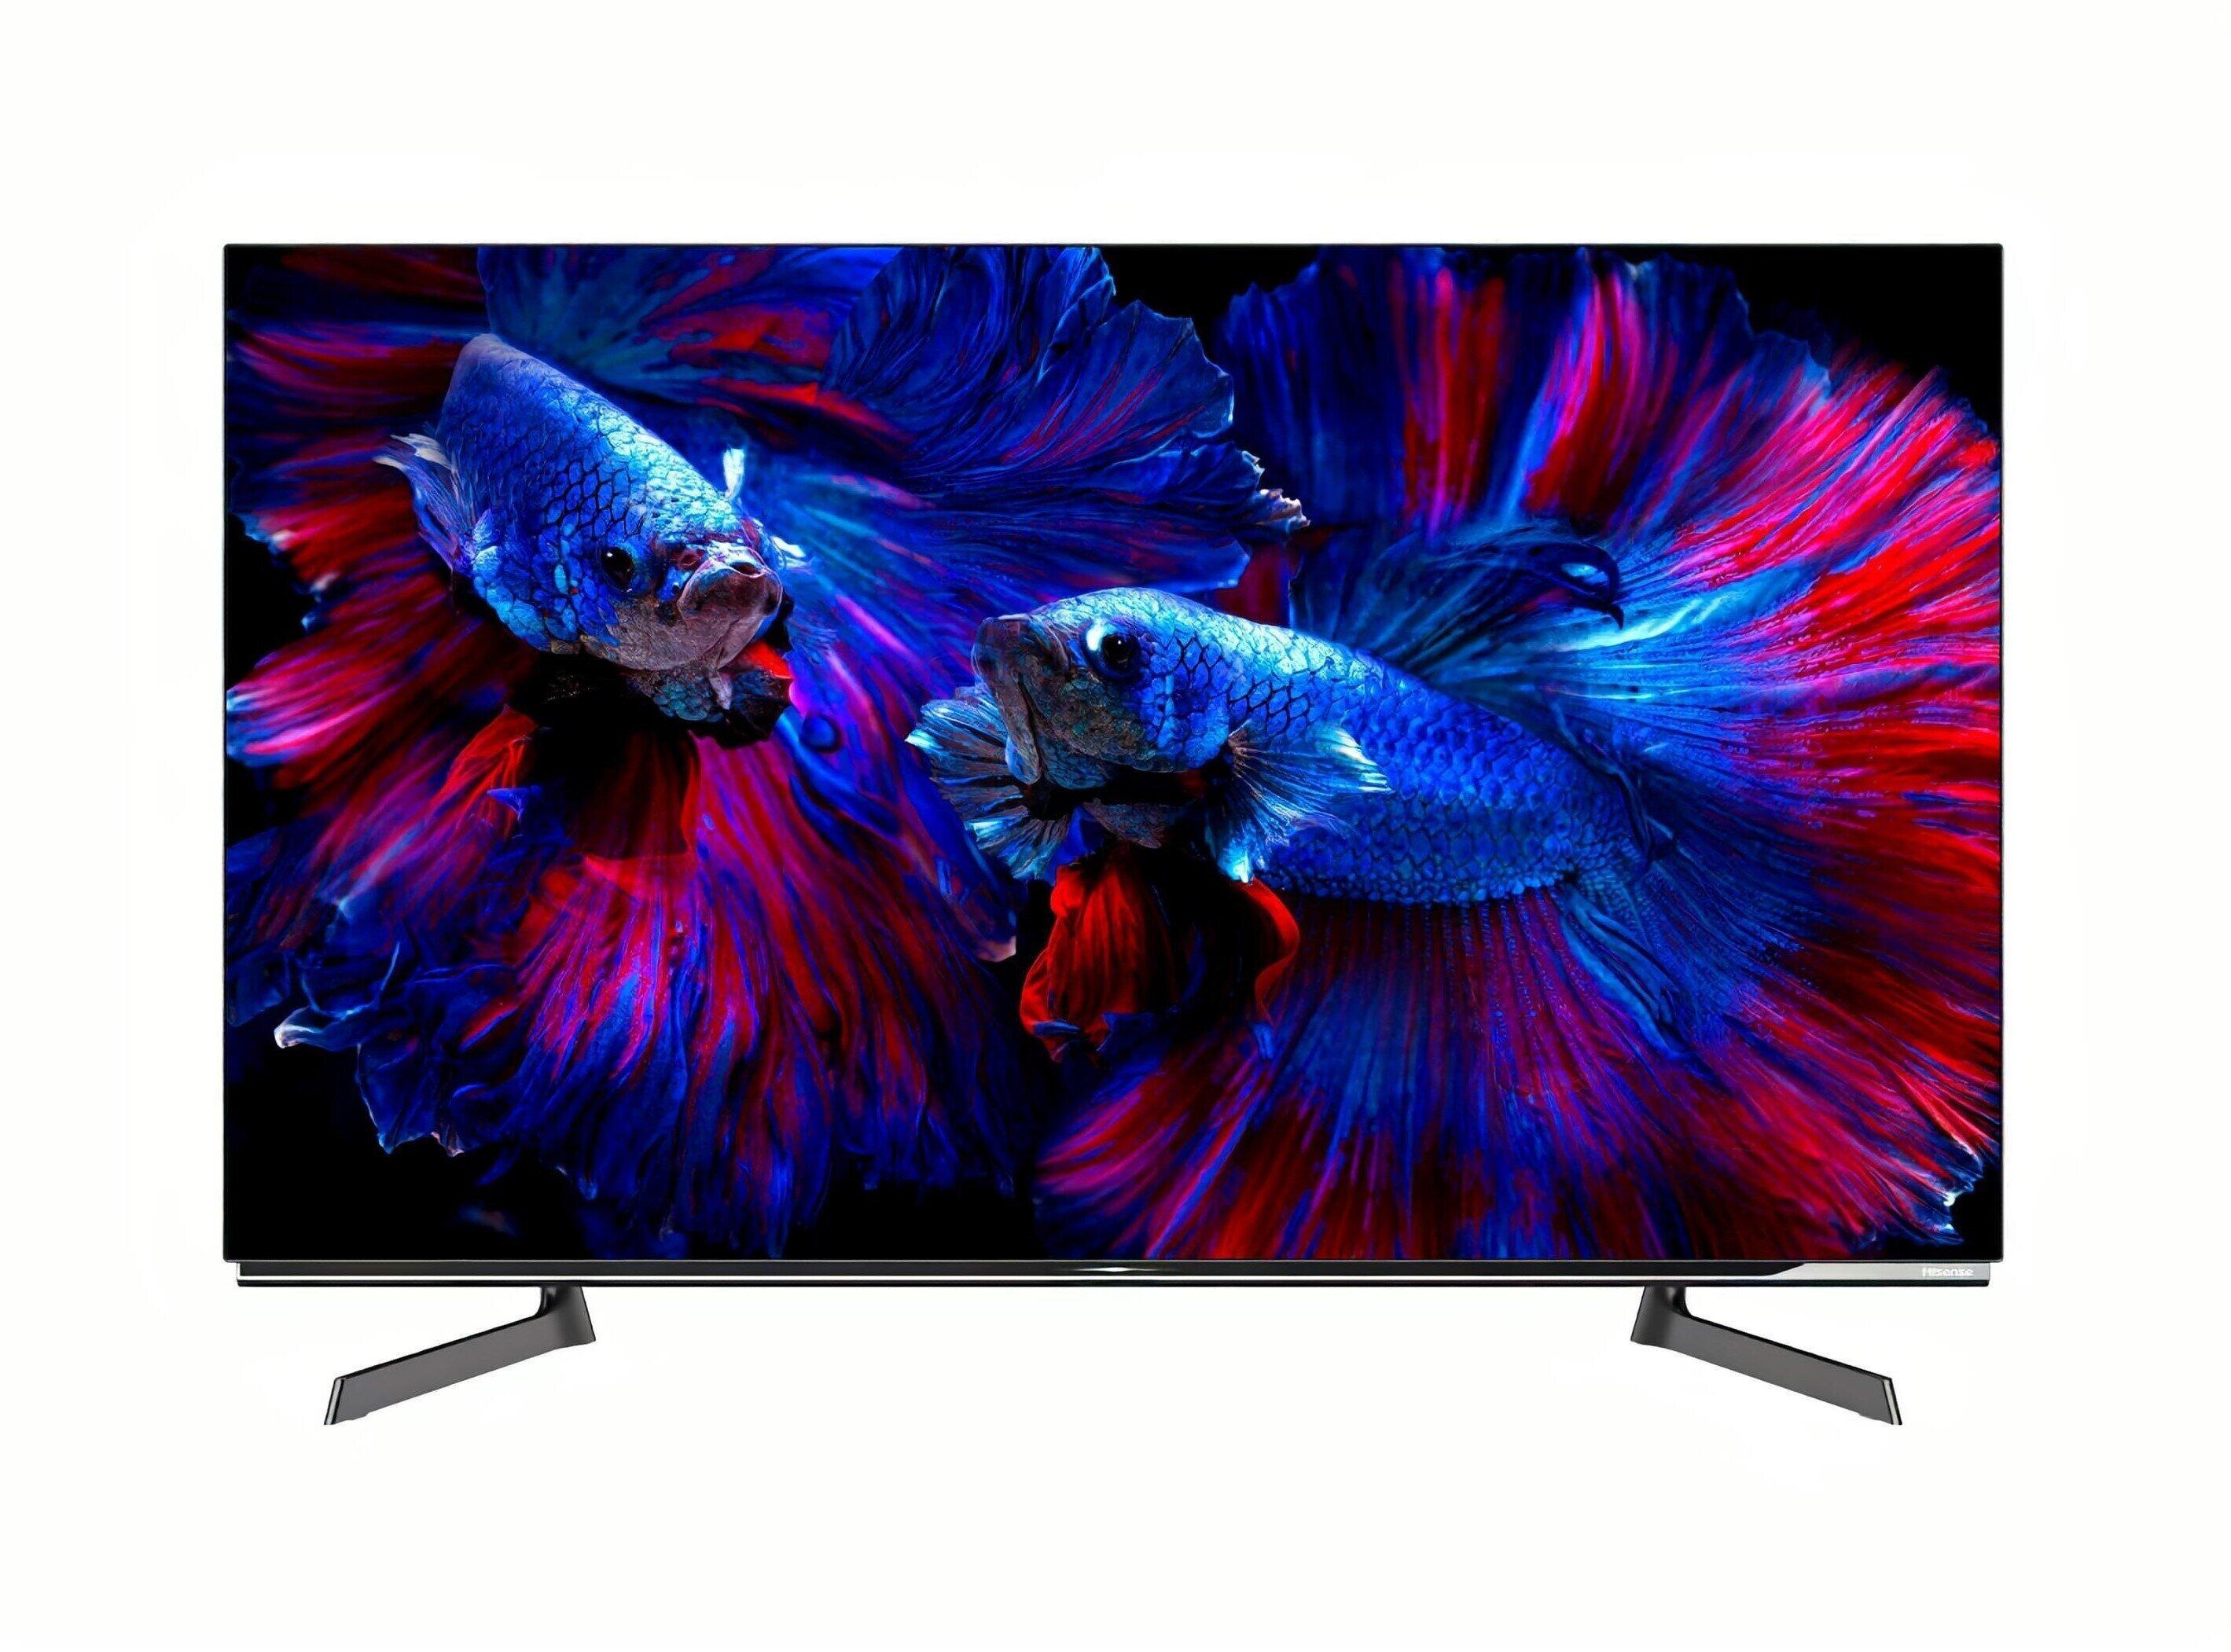 放送もネット配信コンテンツも高画質で楽しめる ハイセンスから48V型4K液晶テレビ